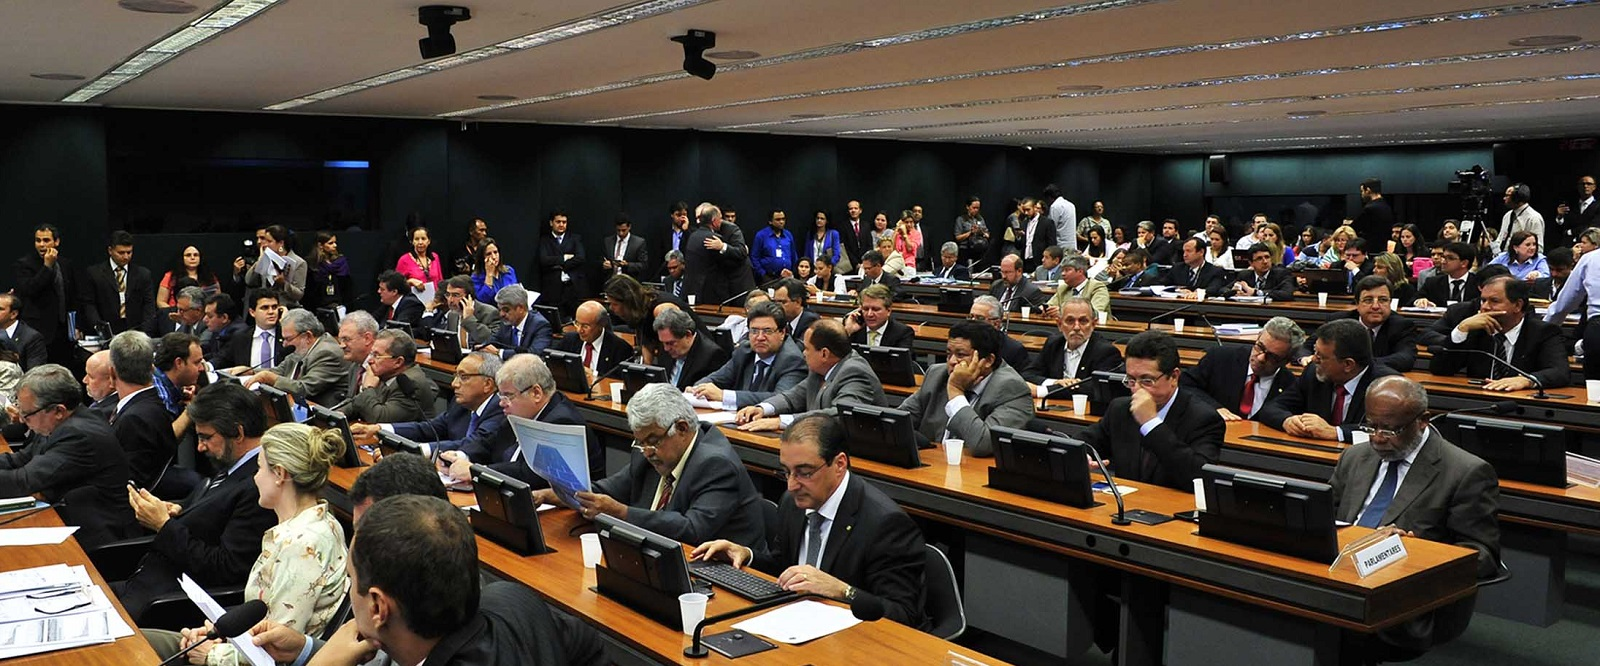 Reunião-da-Comissão-Mista-de-Orçamento-do-Congresso-Nacional